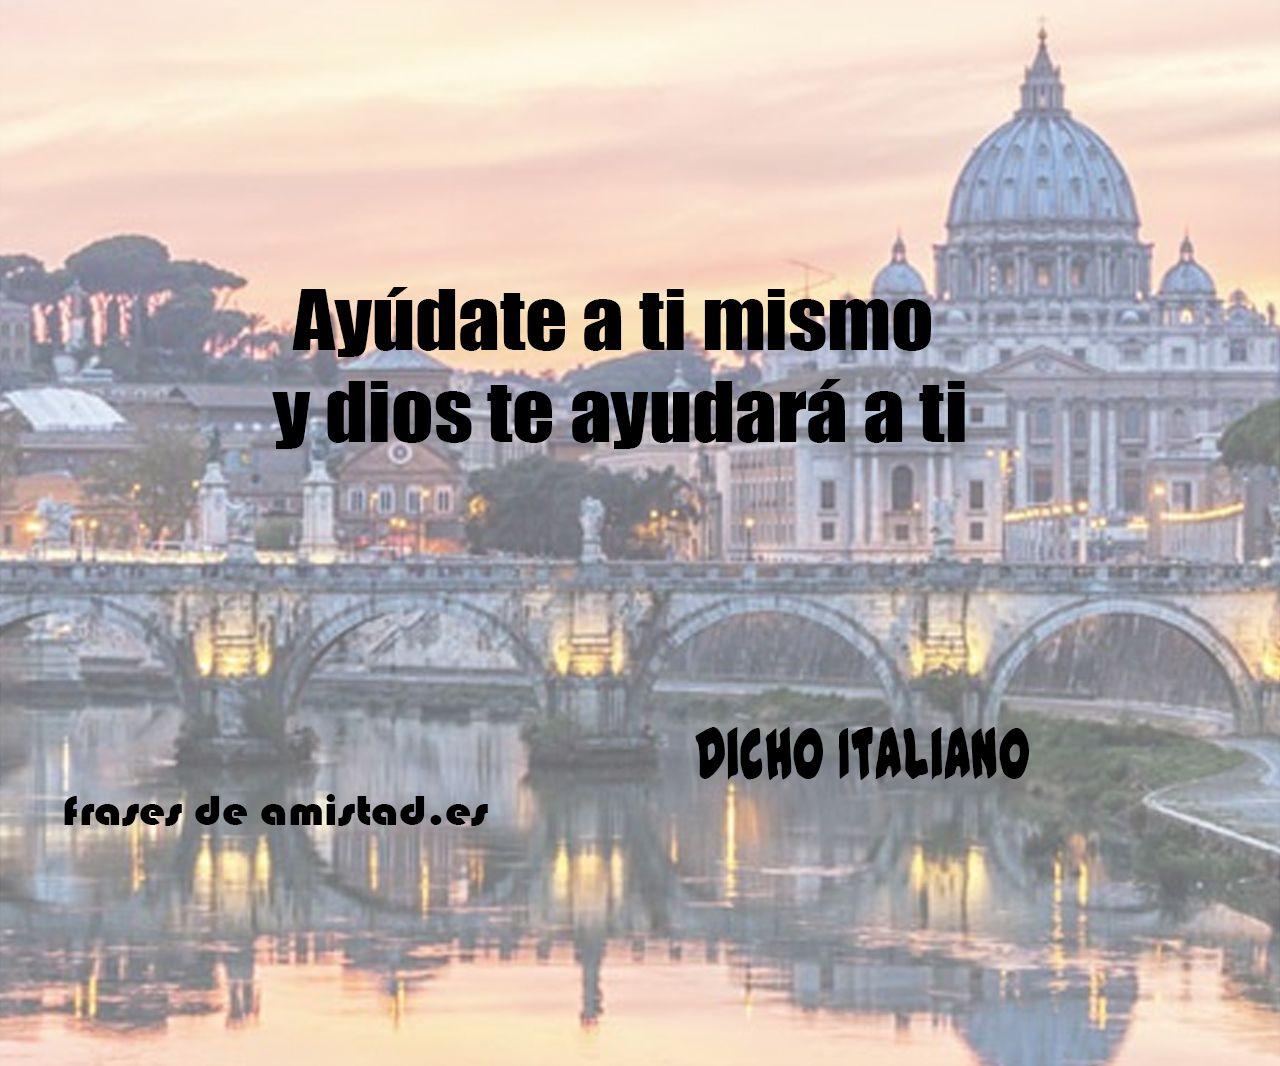 Frases De Amistad En Italiano Traducidas Frases De Amistad Pinterest